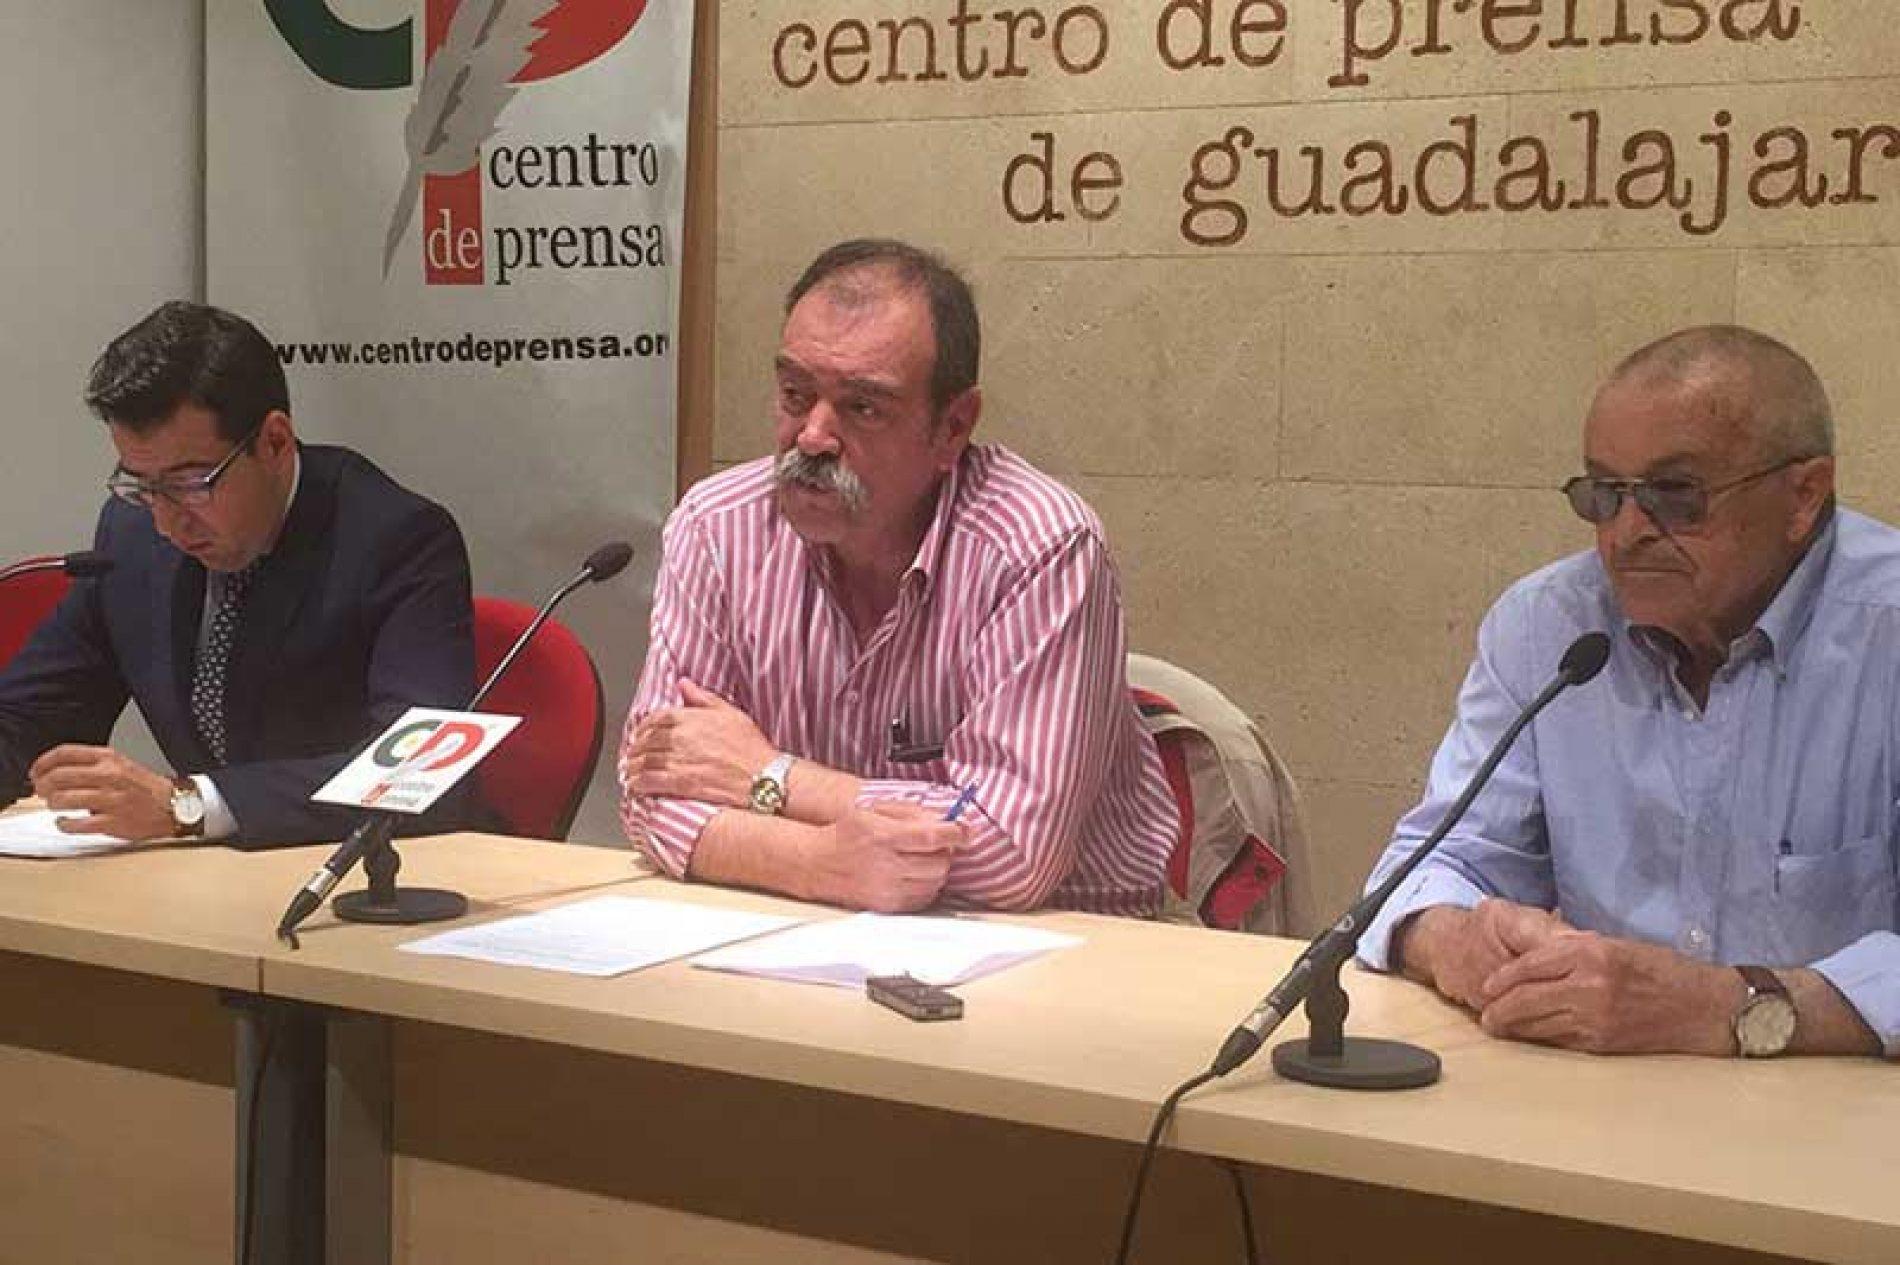 La caza y pesca de Guadalajara se manifestará el 20 de mayo